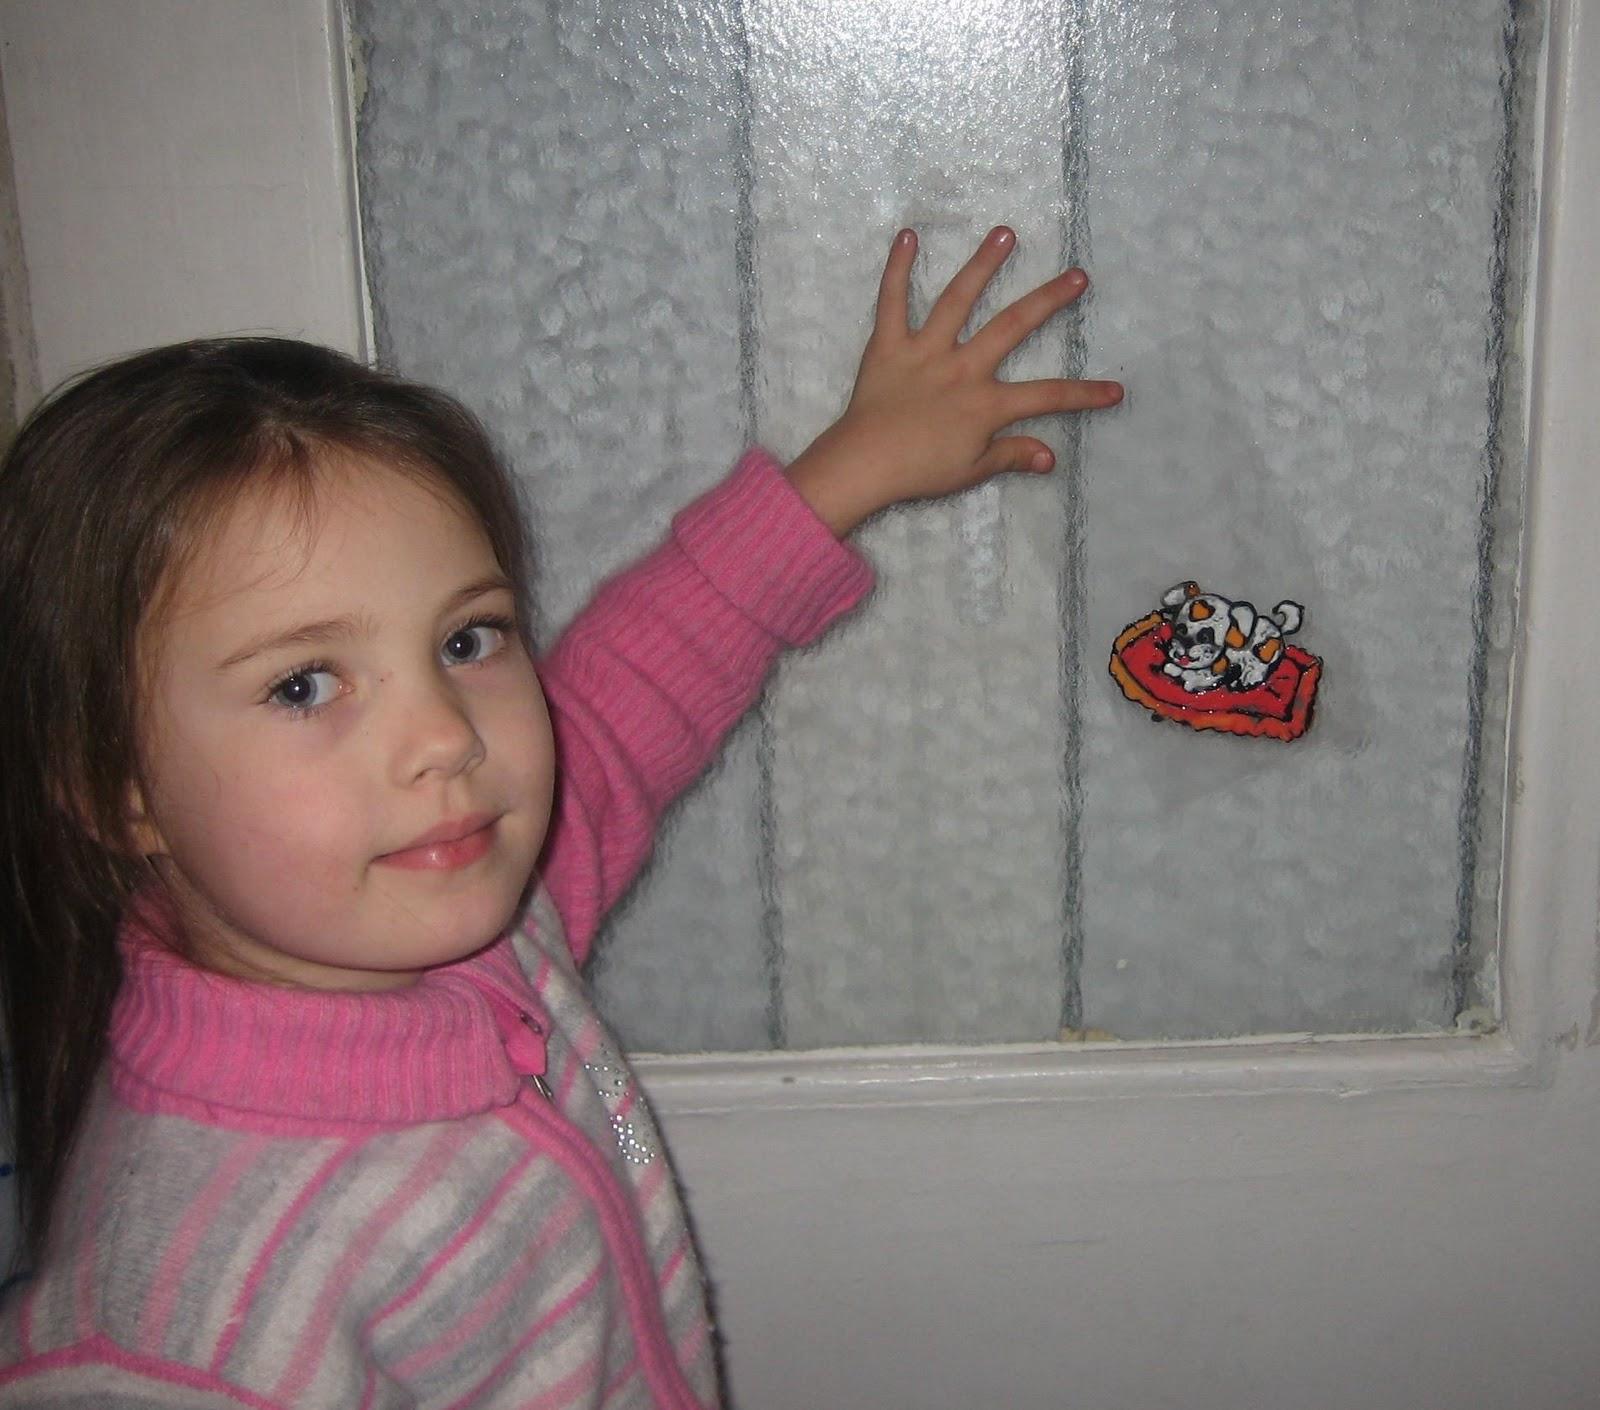 Смотреть папа сделал массаж маленькой дочке бесплатно 30 фотография